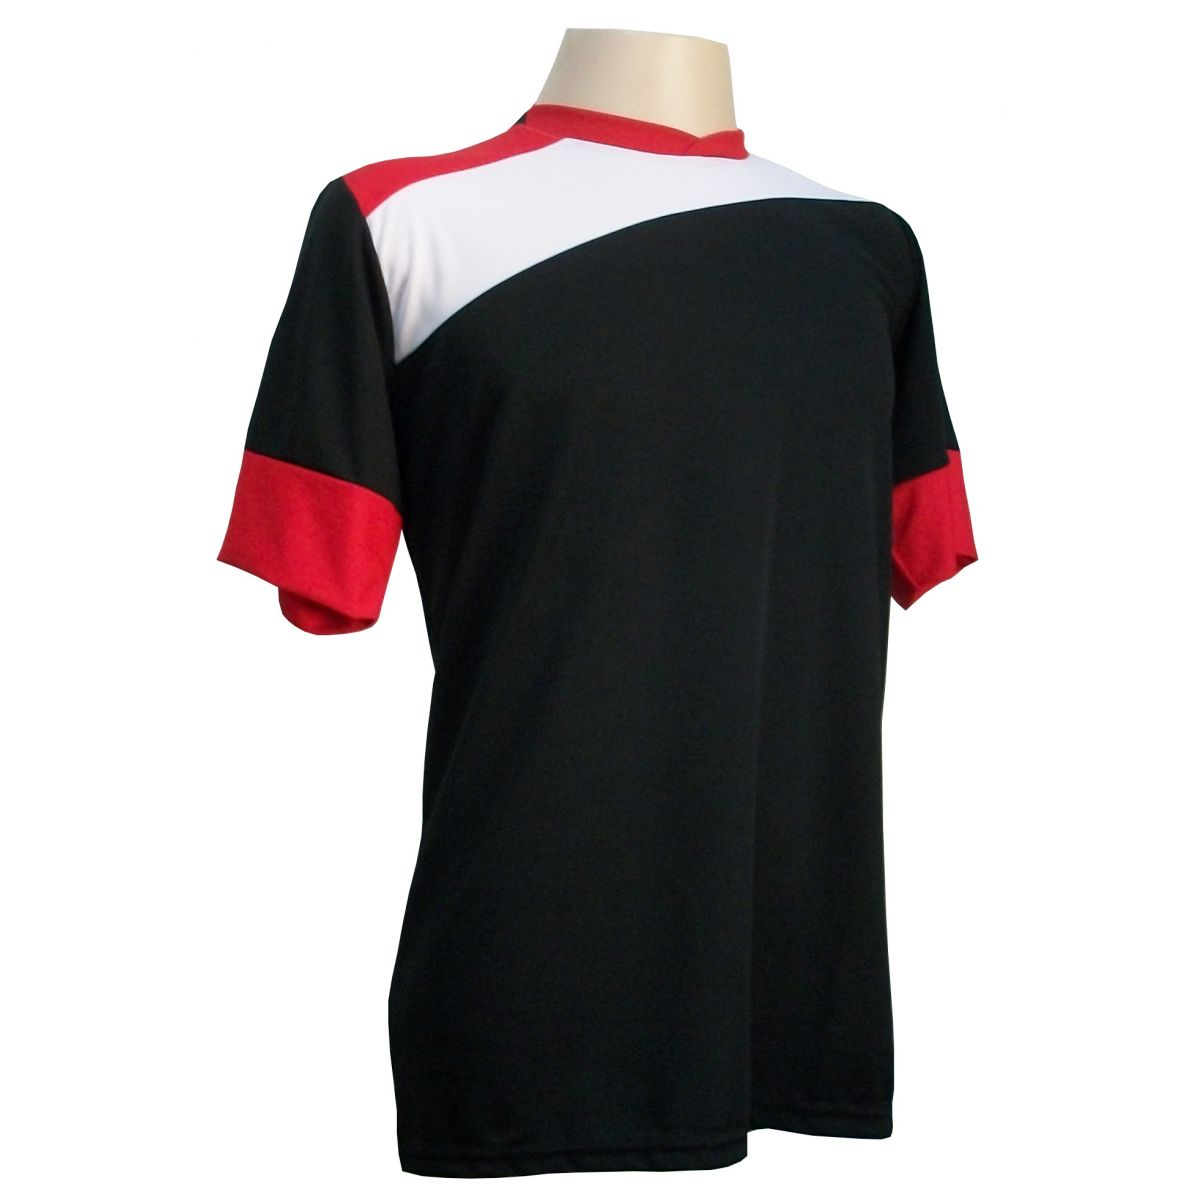 Jogo de Camisa com 14 unidades modelo Sporting Preto/Branco/Vermelho + 1 Goleiro + Brindes